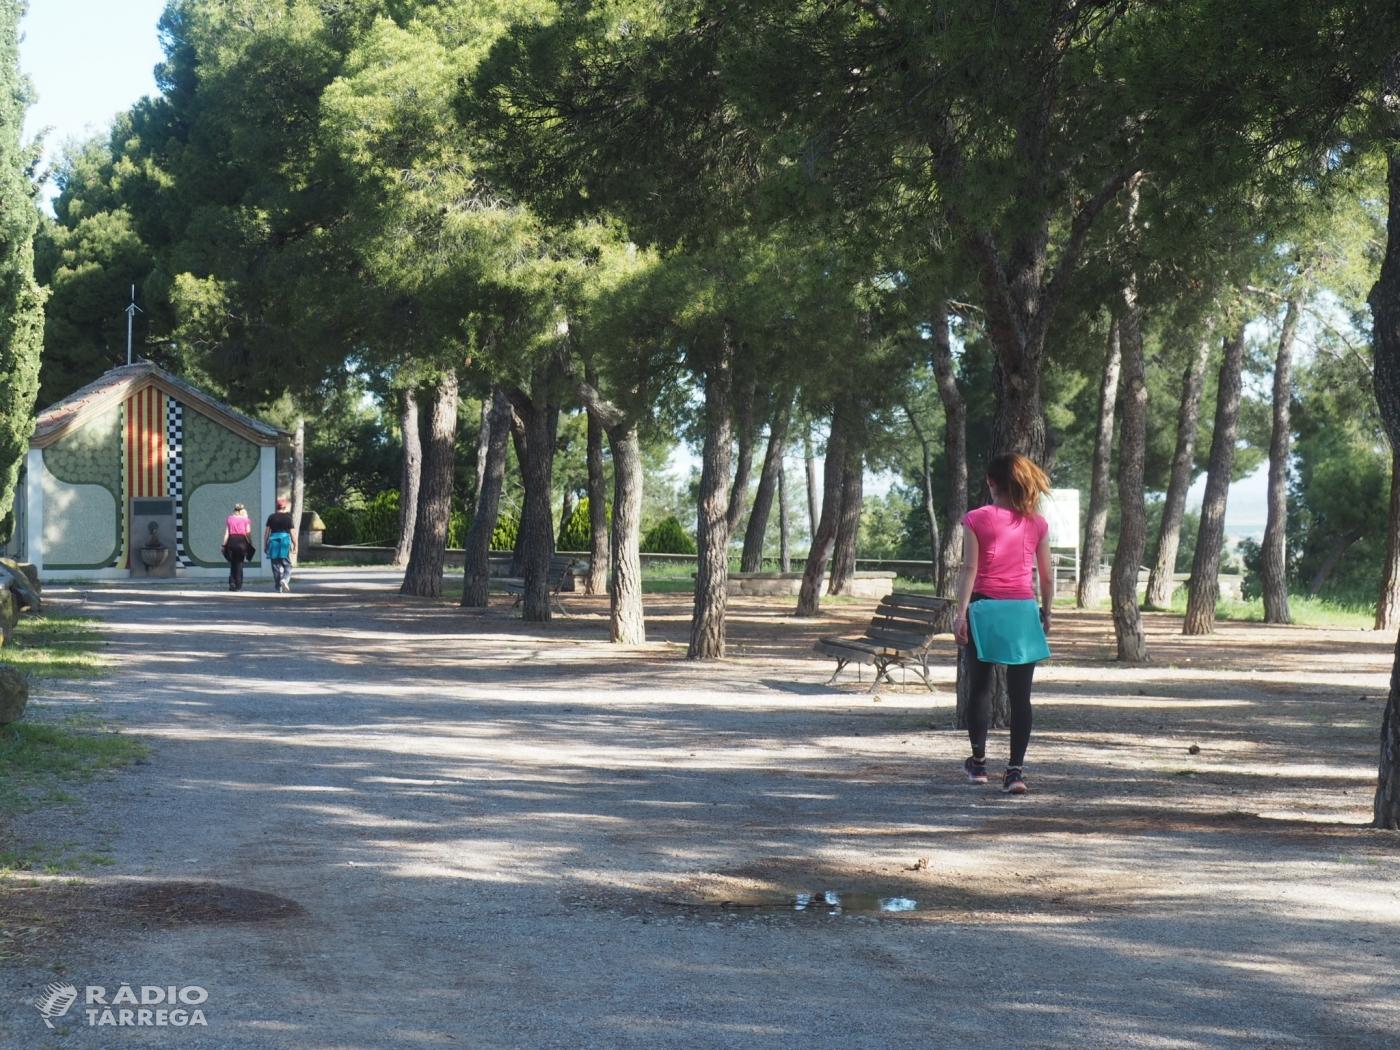 Molts targarins han sortit a passejar i fer esport a primera hora del matí el primer dia de desconfinament gradual